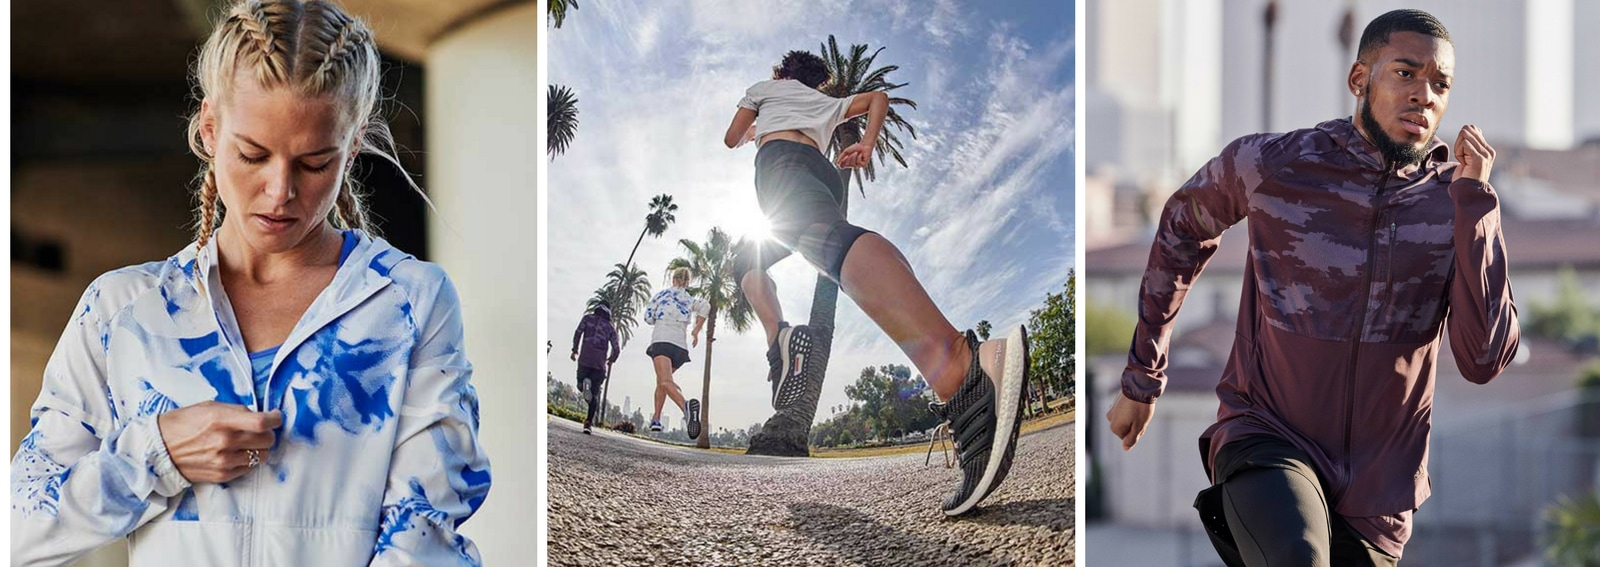 adidas-city-runner-milano-iniziare-a-correre-community-coach-allenamenti-training DESK